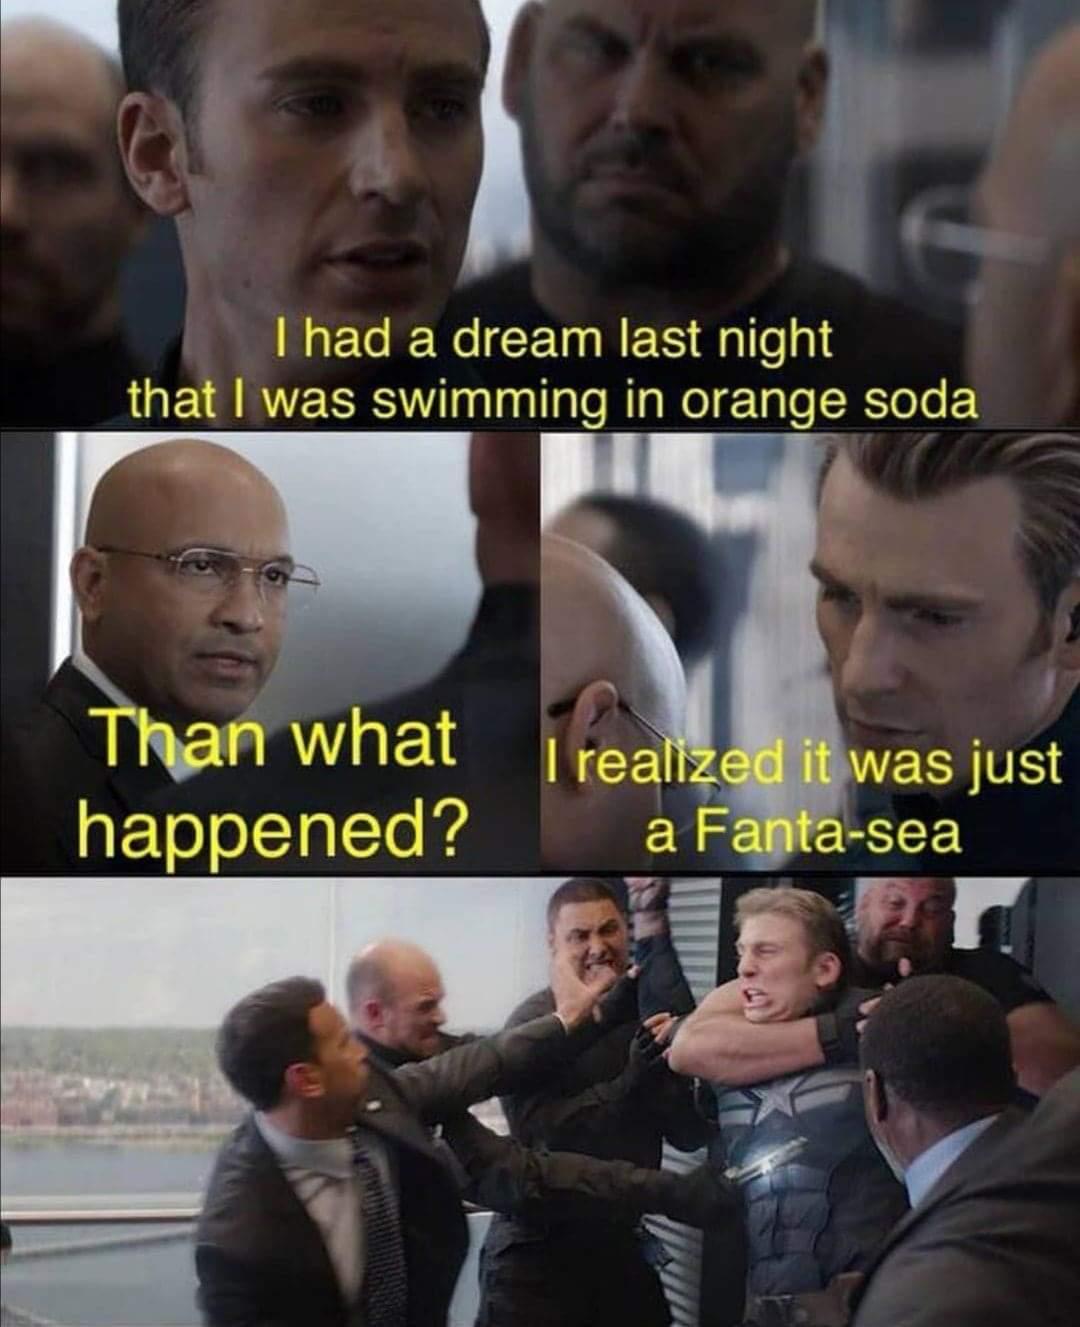 It was just a Fanta-sea meme